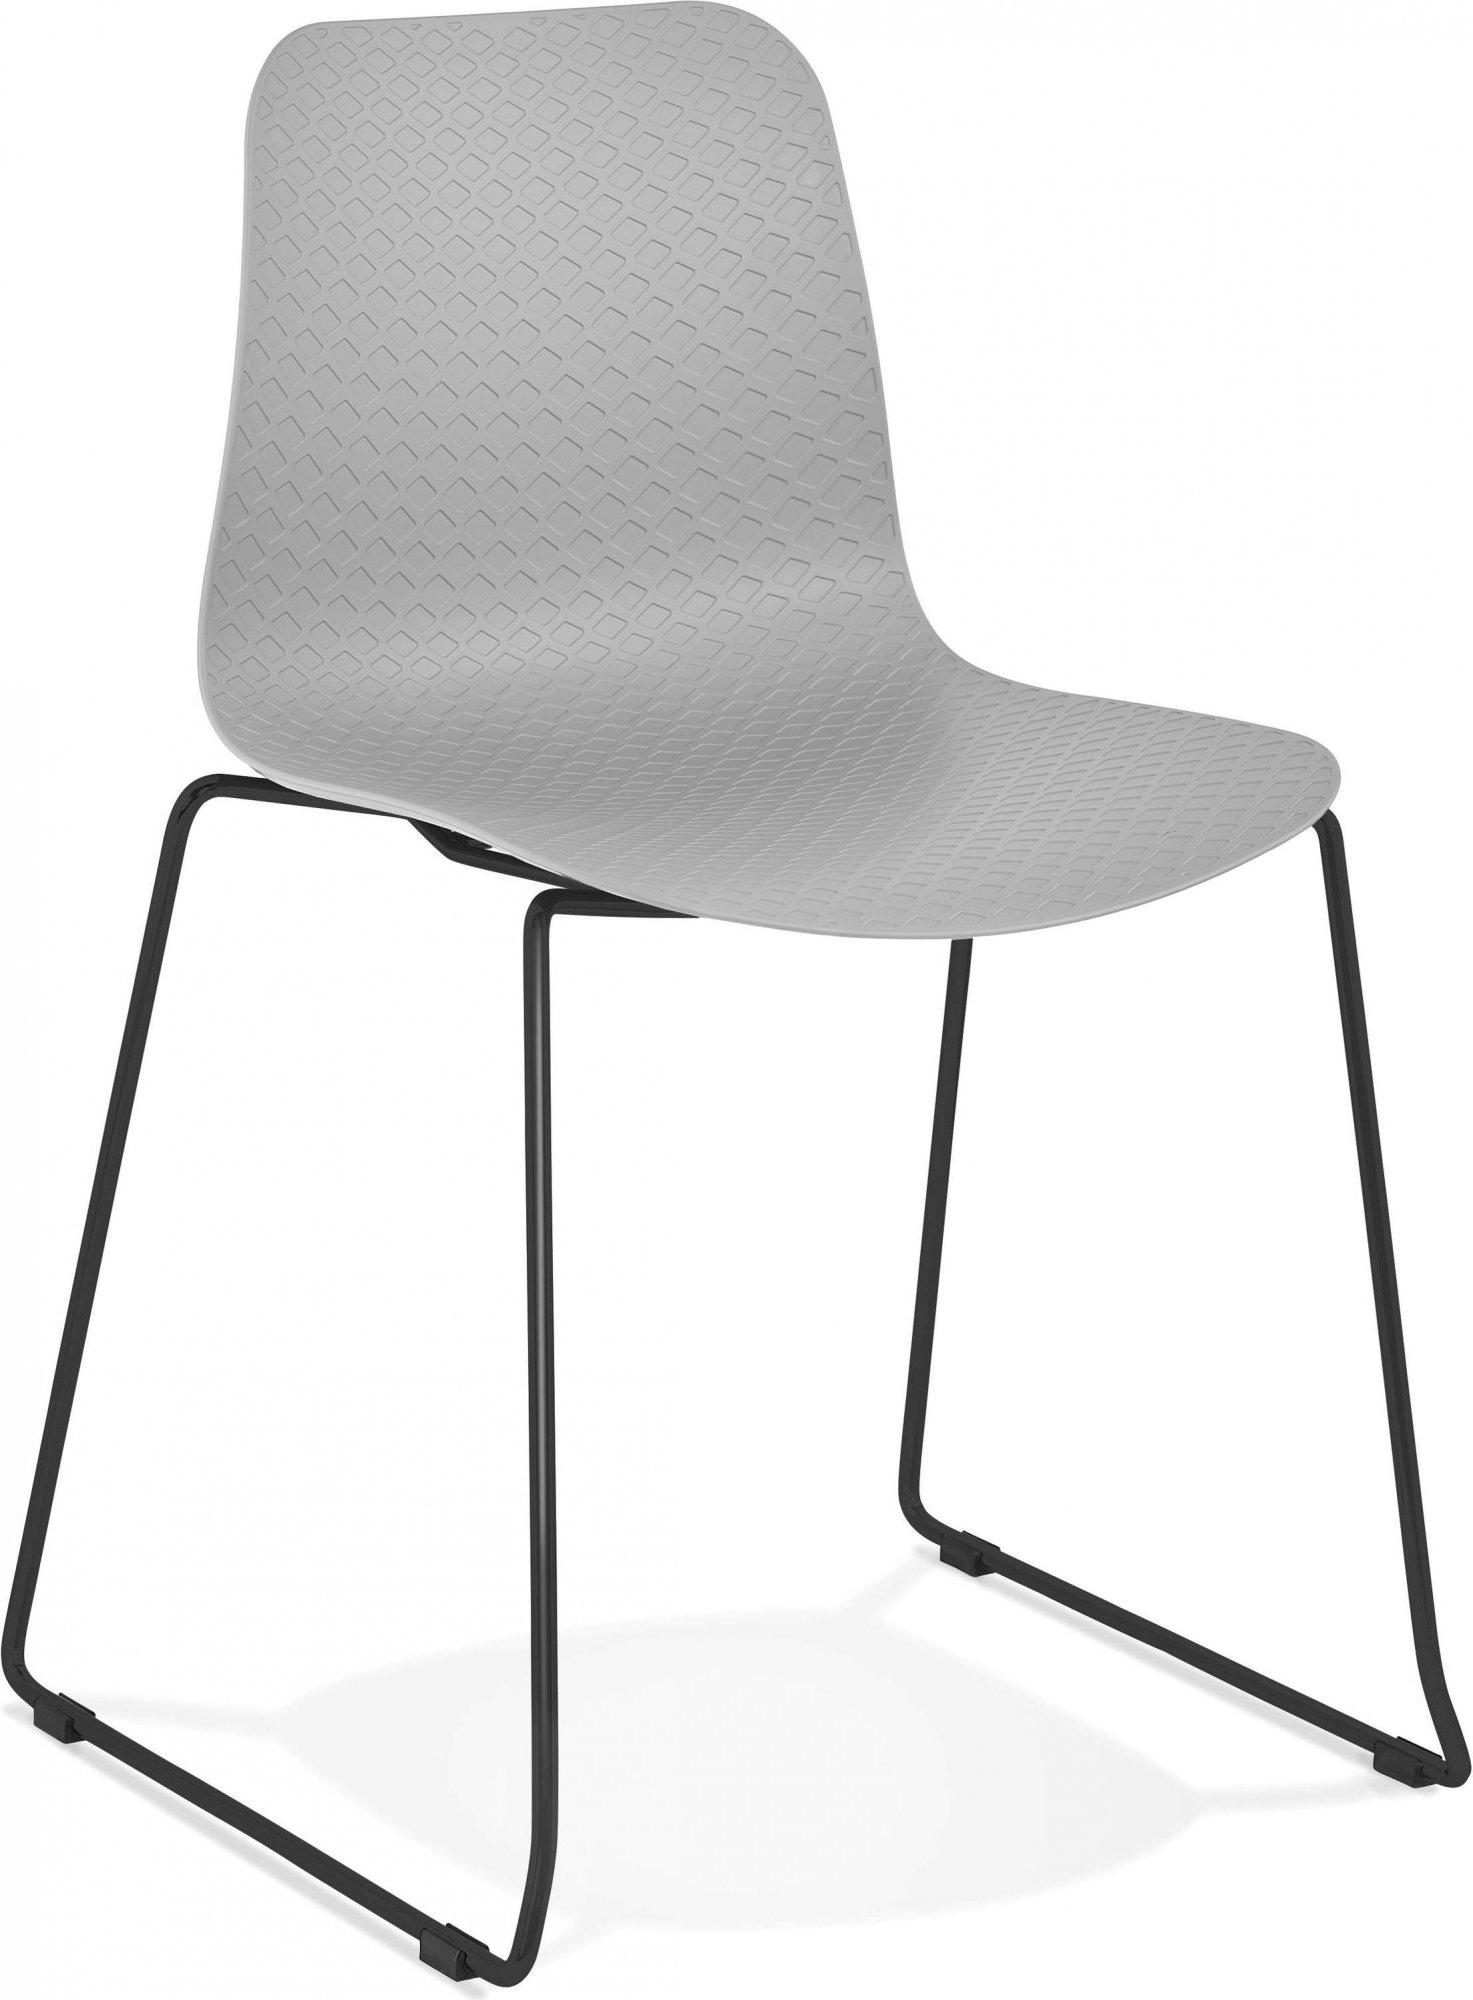 Chaise de table design assise couleur gris pietement noir